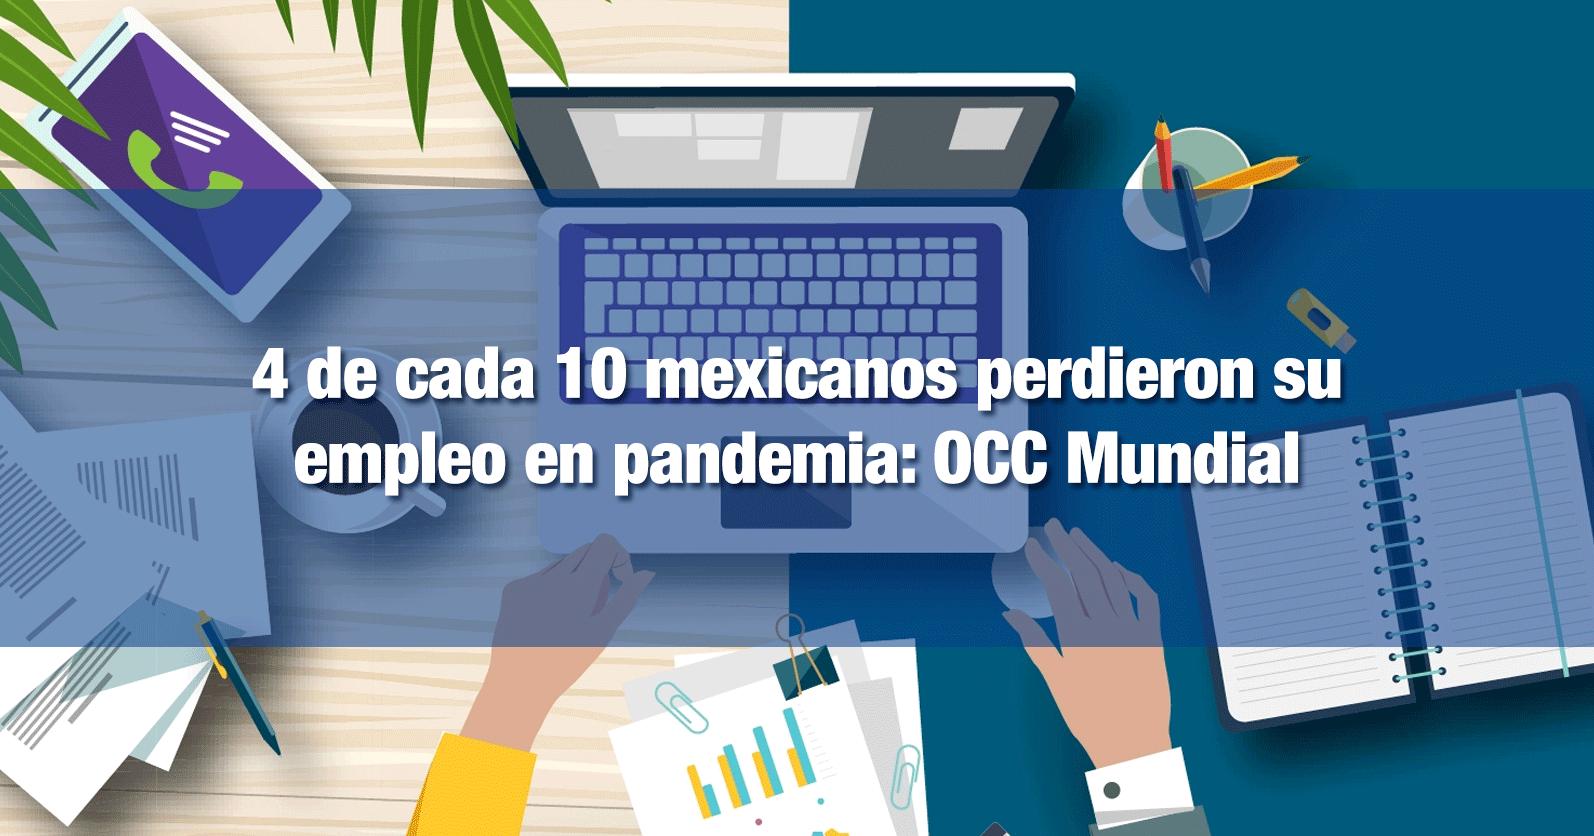 4 de cada 10 mexicanos perdieron su empleo en pandemia: OCC Mundial